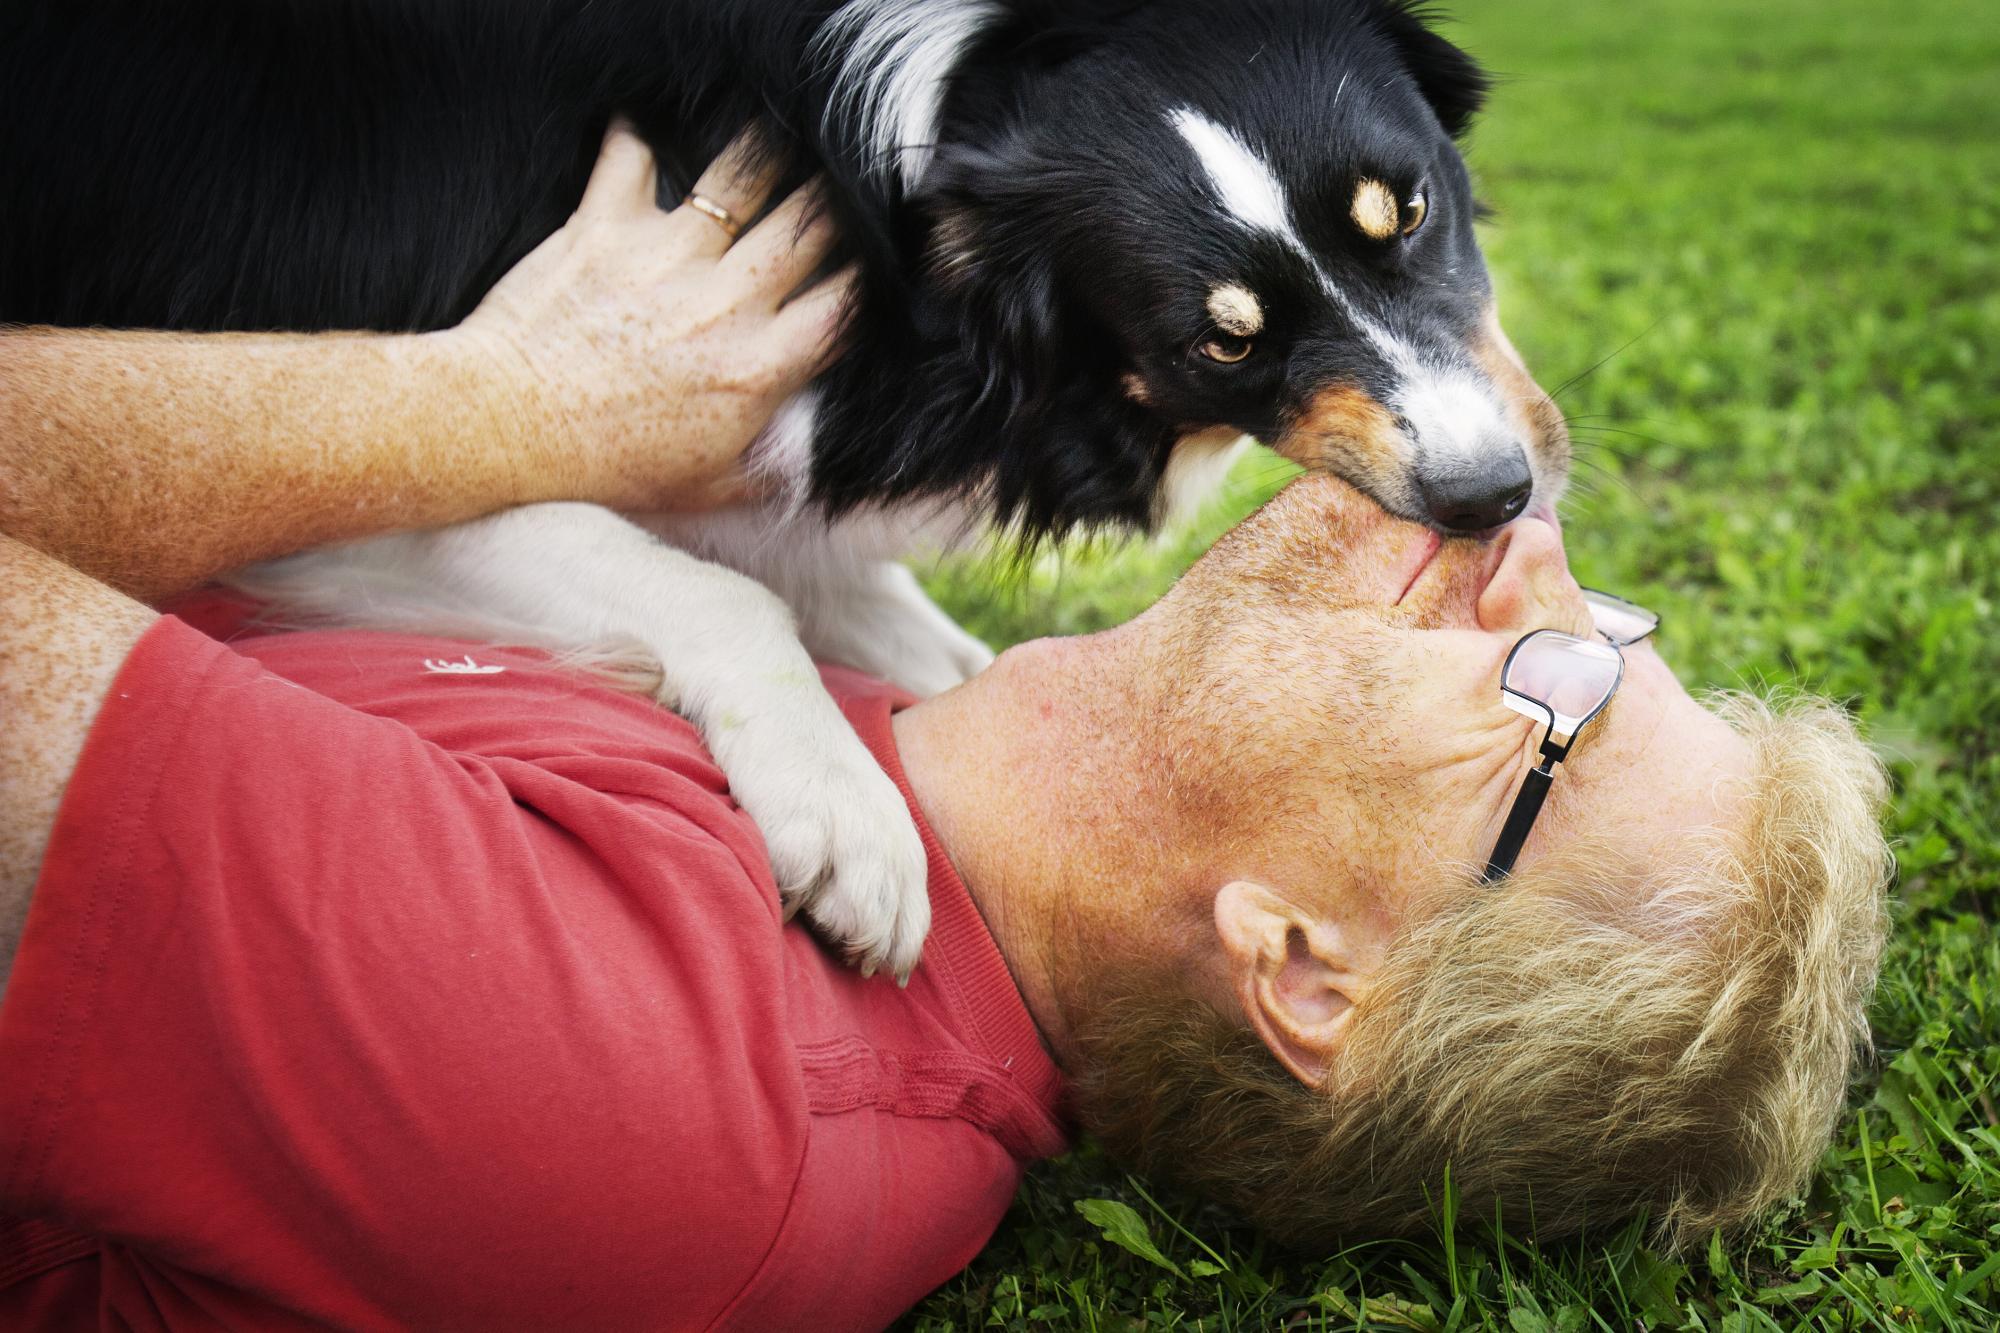 Kenth föreläser och håller kurser som baseras på hans stora hundkunskap. Kenth har en bakgrund som forskare i etologi. Doktorsavhandlingen handlade just om hundars personlighet.